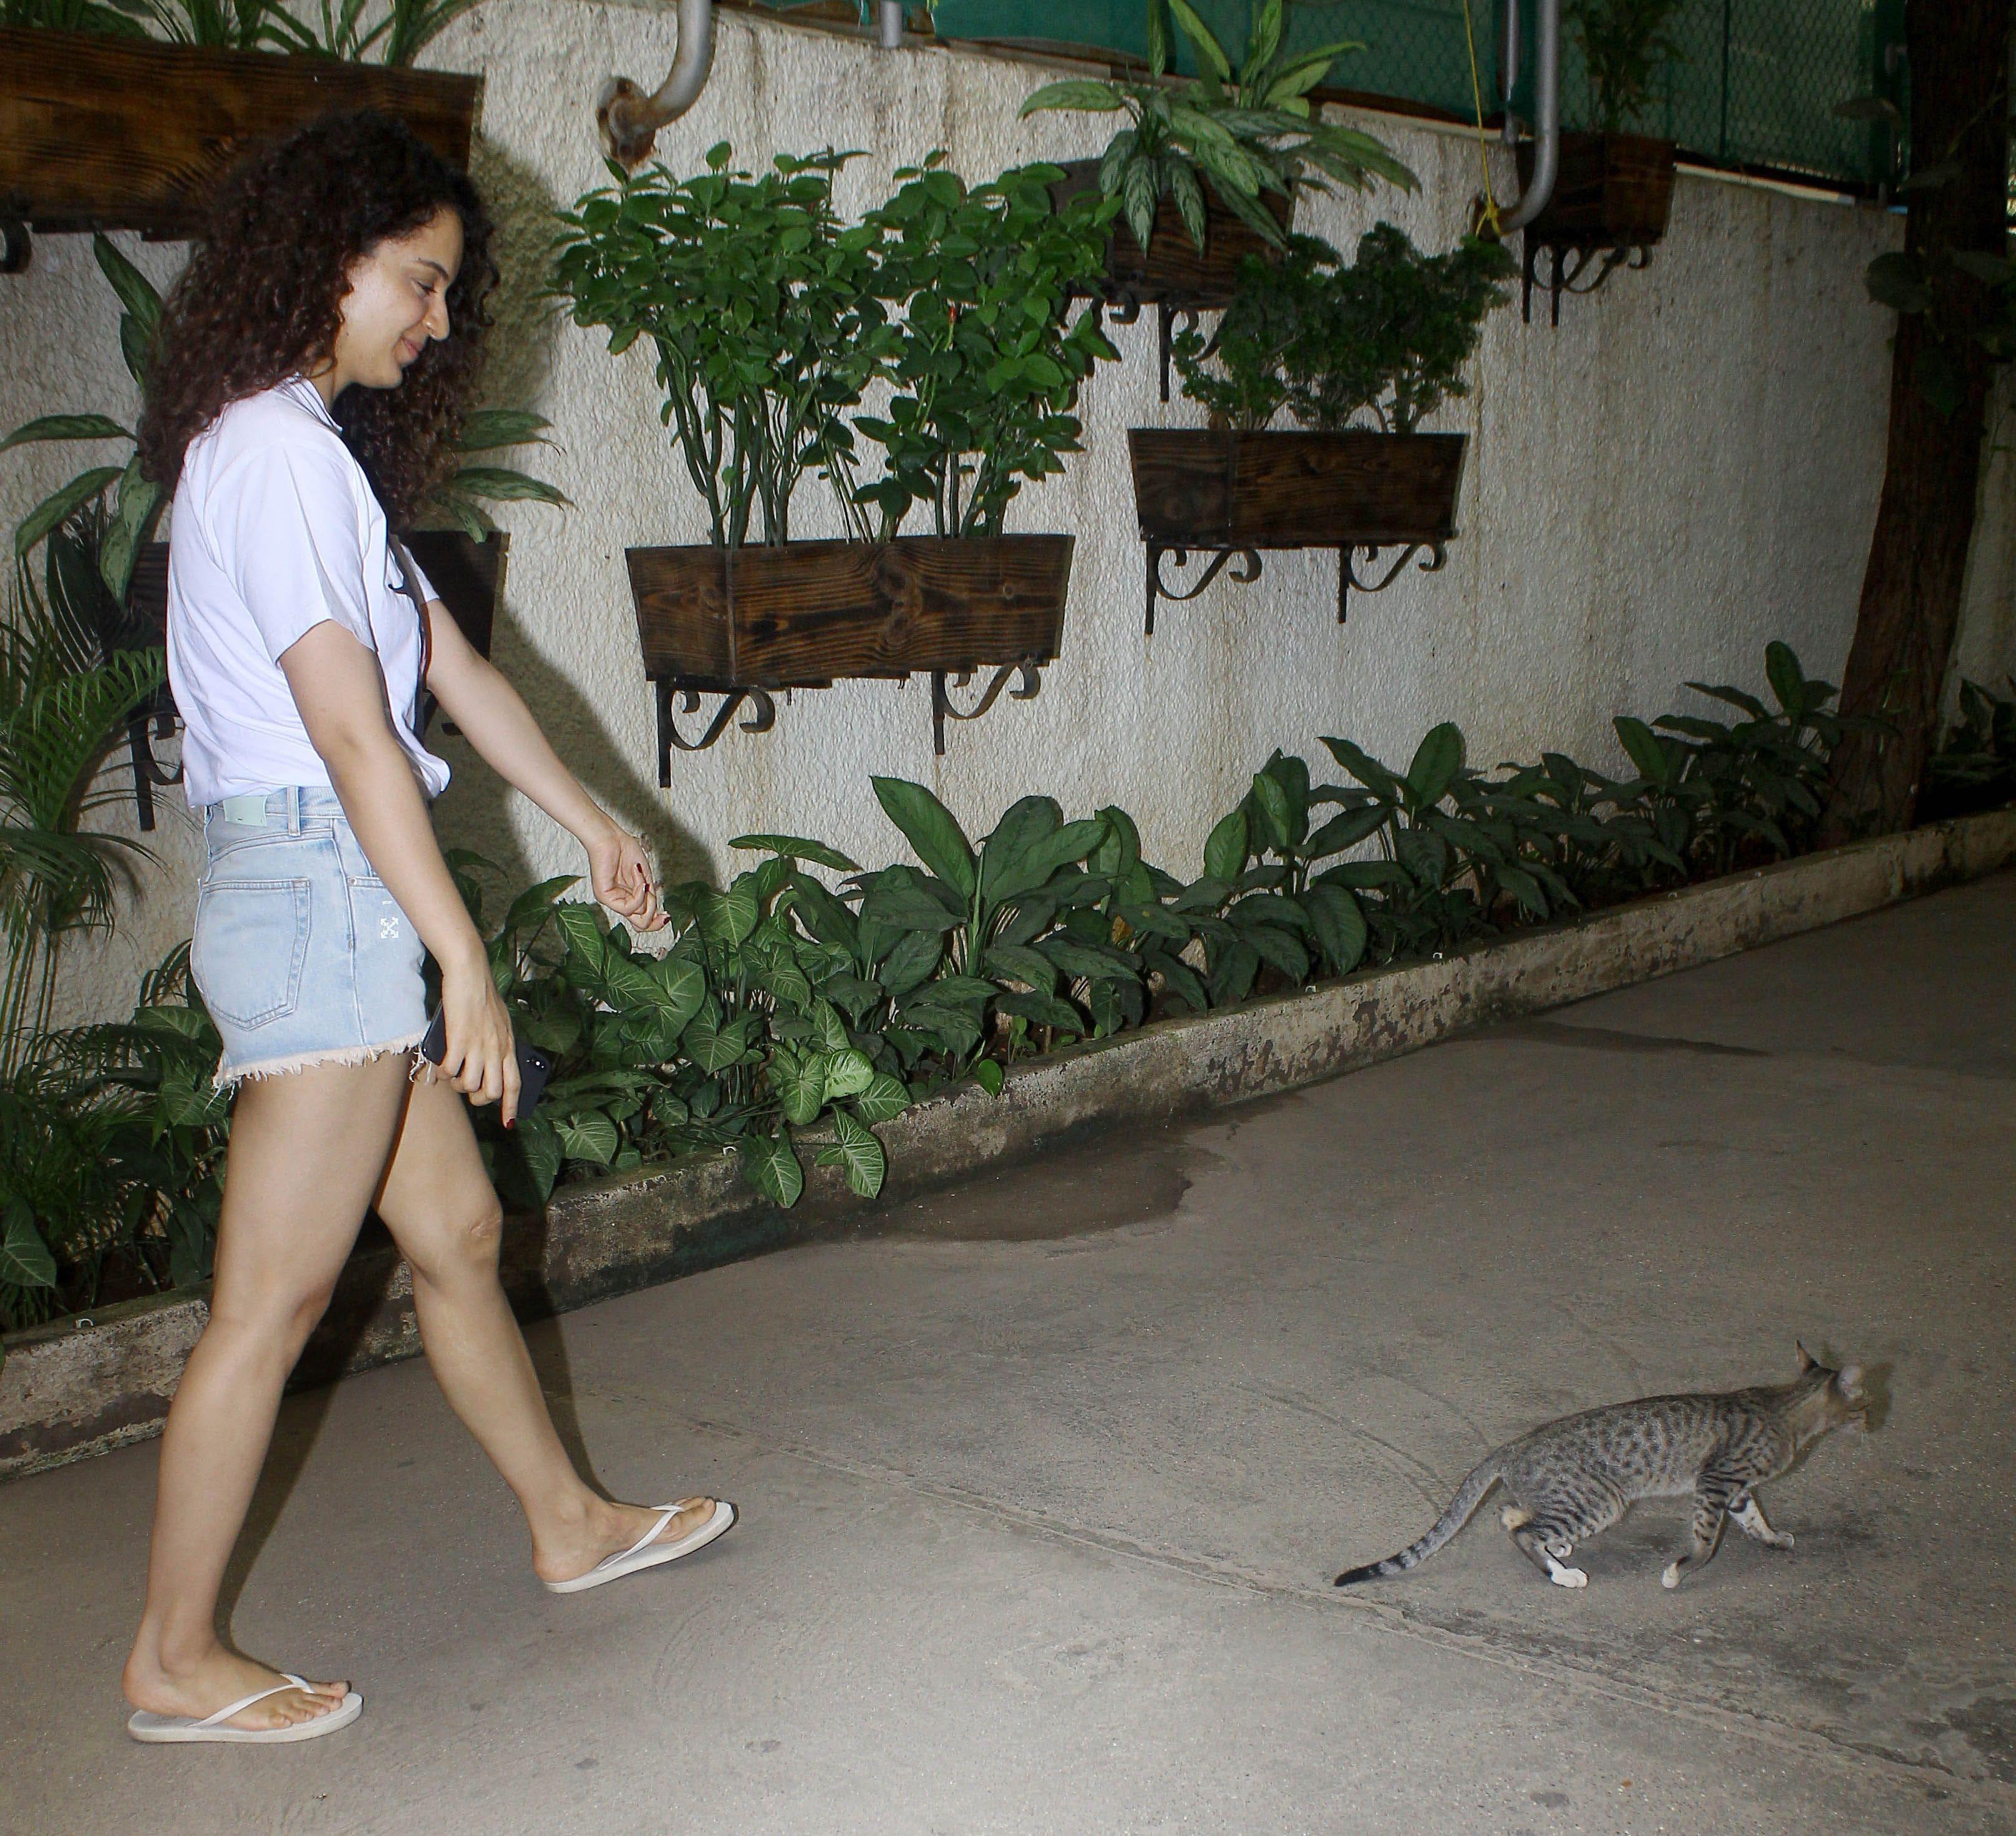 बिल्ली के पीछे दौड़ती नजर आई एक्ट्रेस